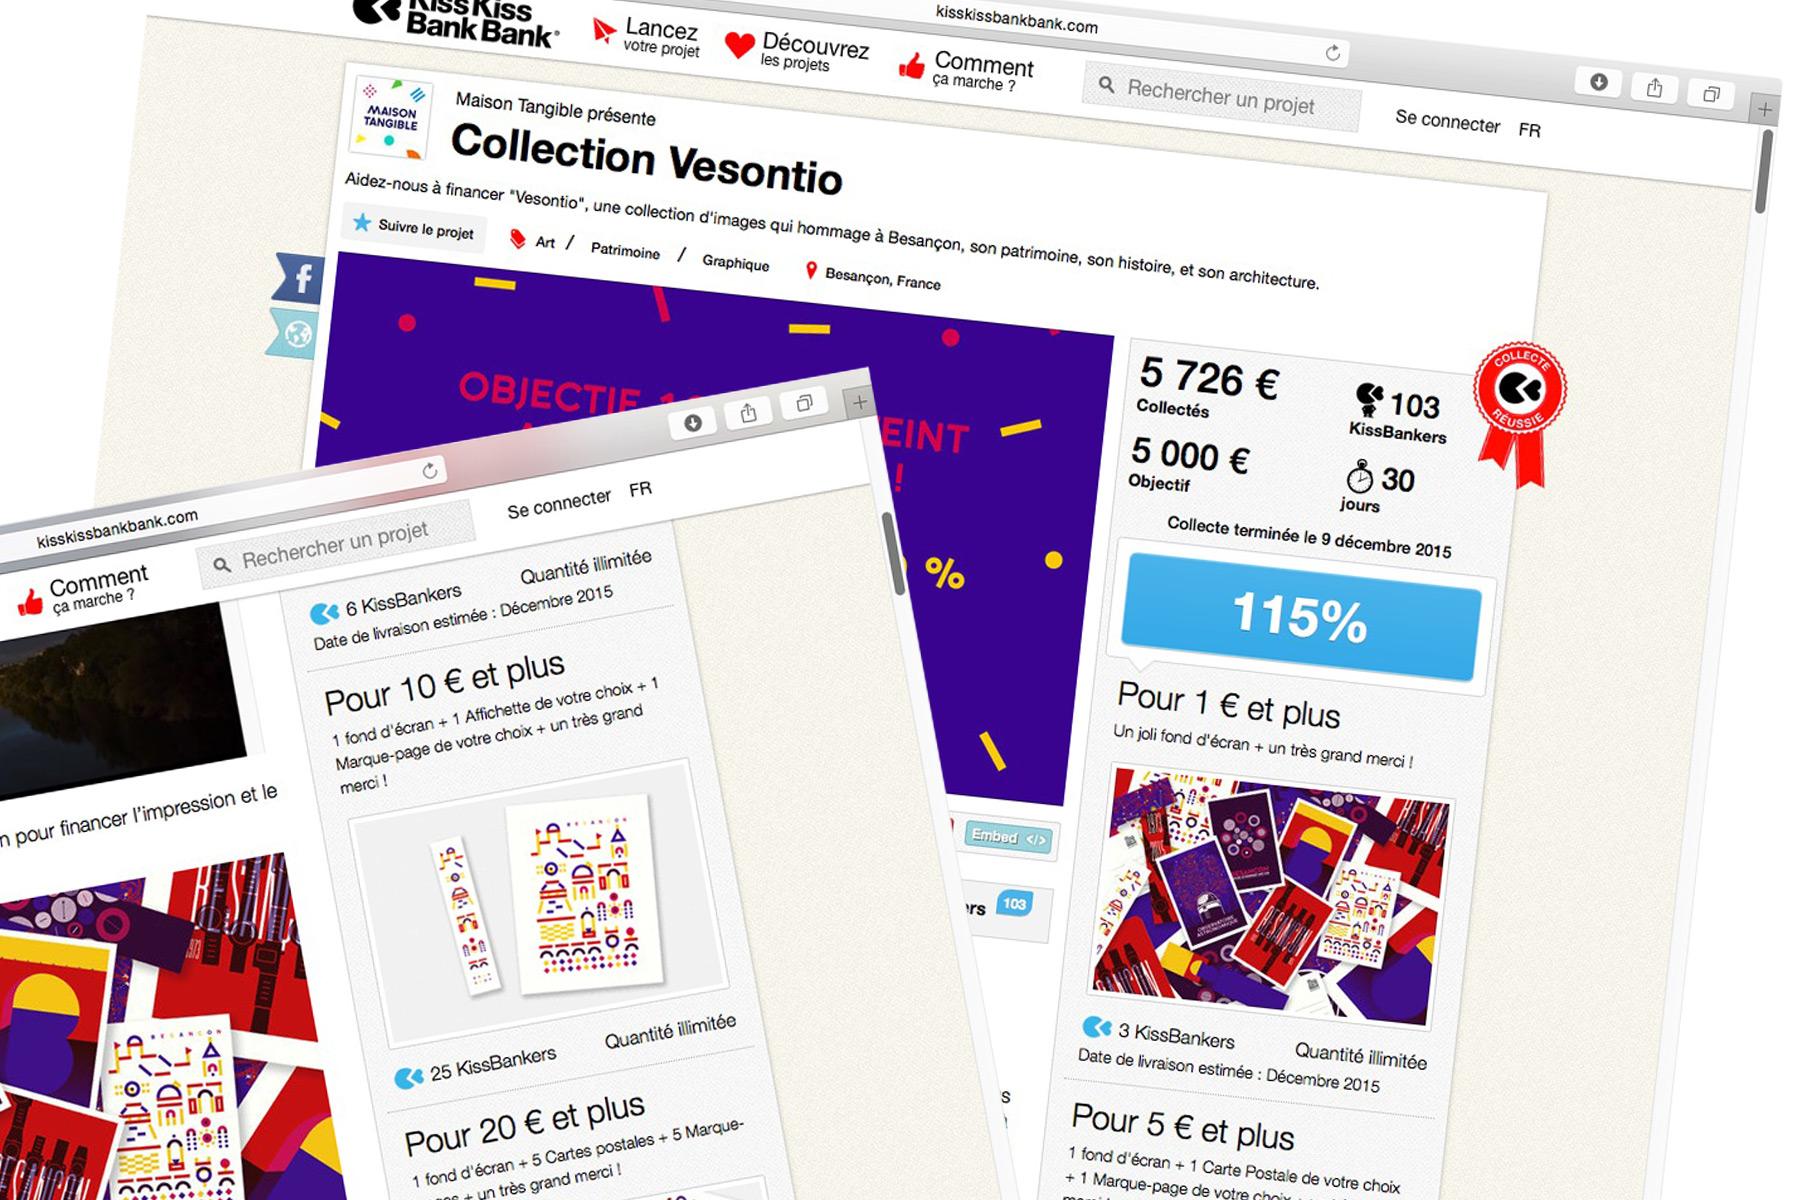 MaisonTangible-Manufacture-Images-Objets-Graphiques-Vesontio-Merci-02